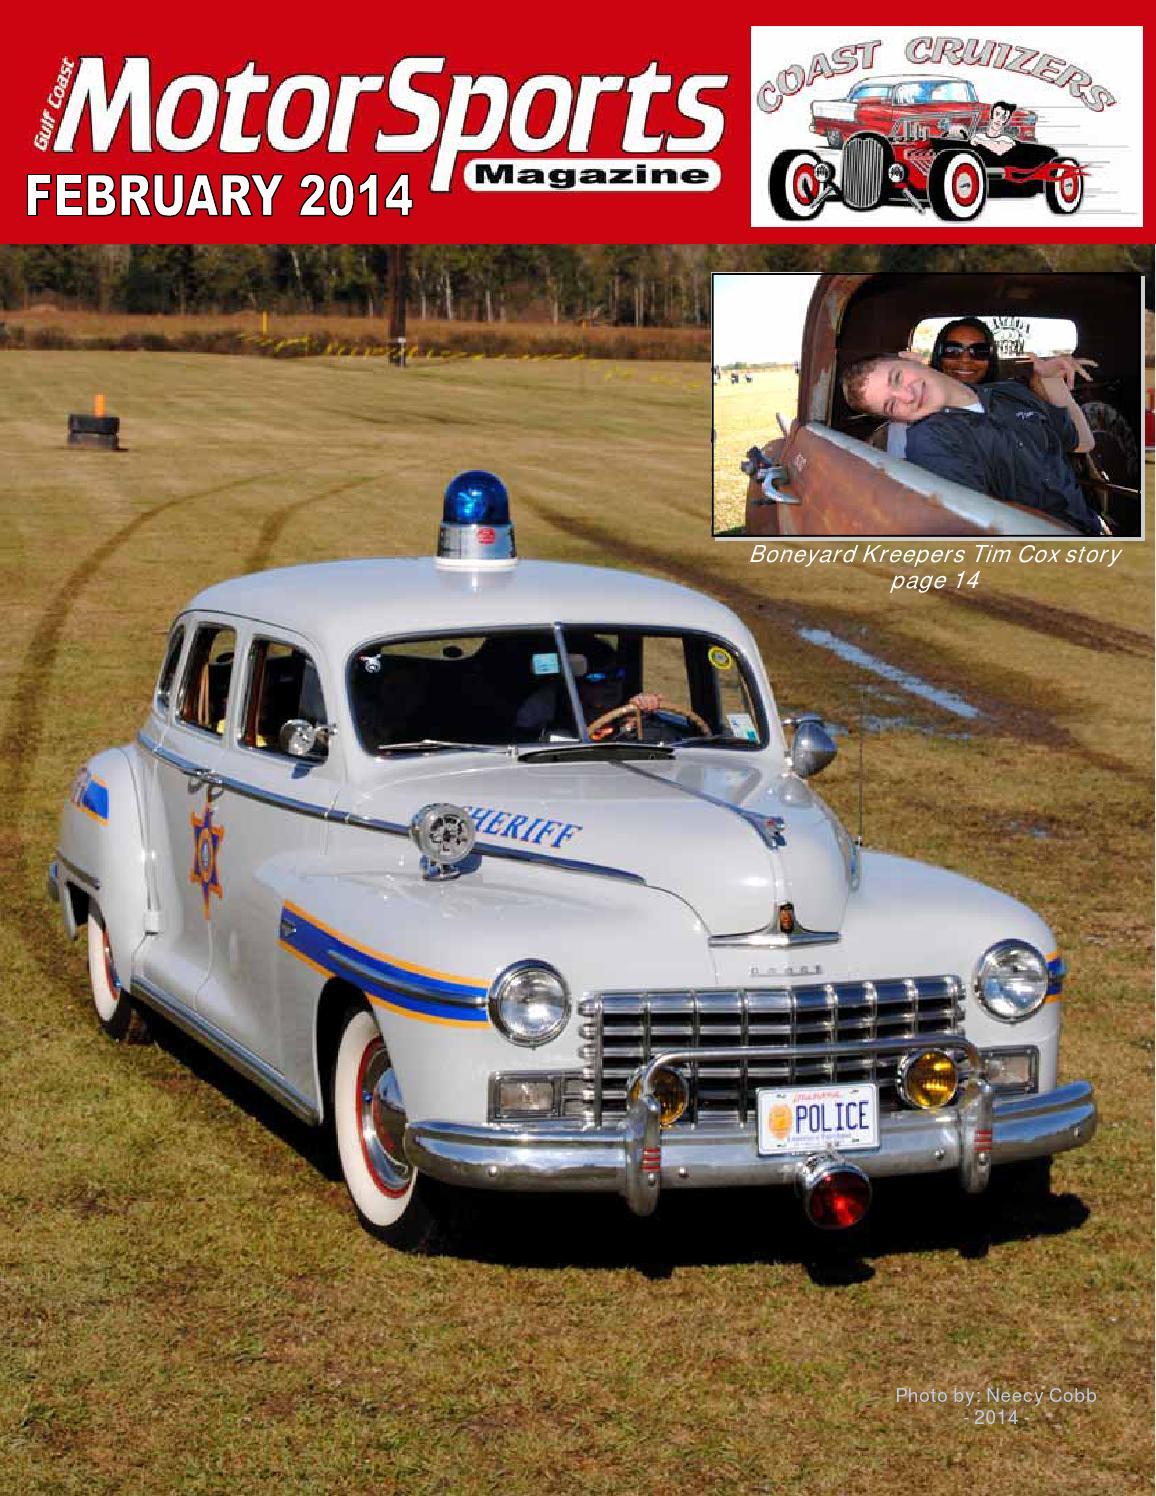 1950/'s Retro Funny Car Bumper Window Vinyl Decal Sticker 10399 Lost in the 50s